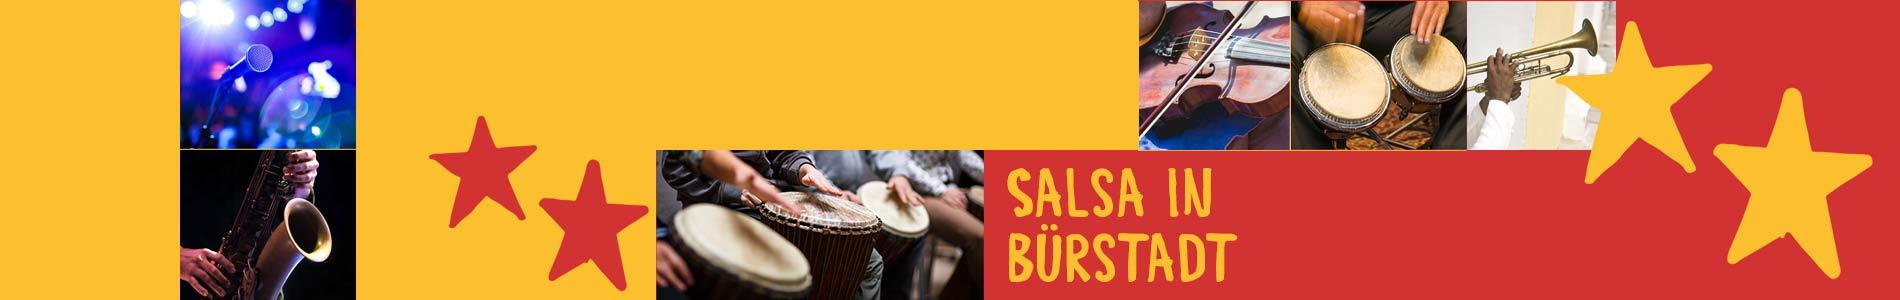 Salsa in Bürstadt – Salsa lernen und tanzen, Tanzkurse, Partys, Veranstaltungen